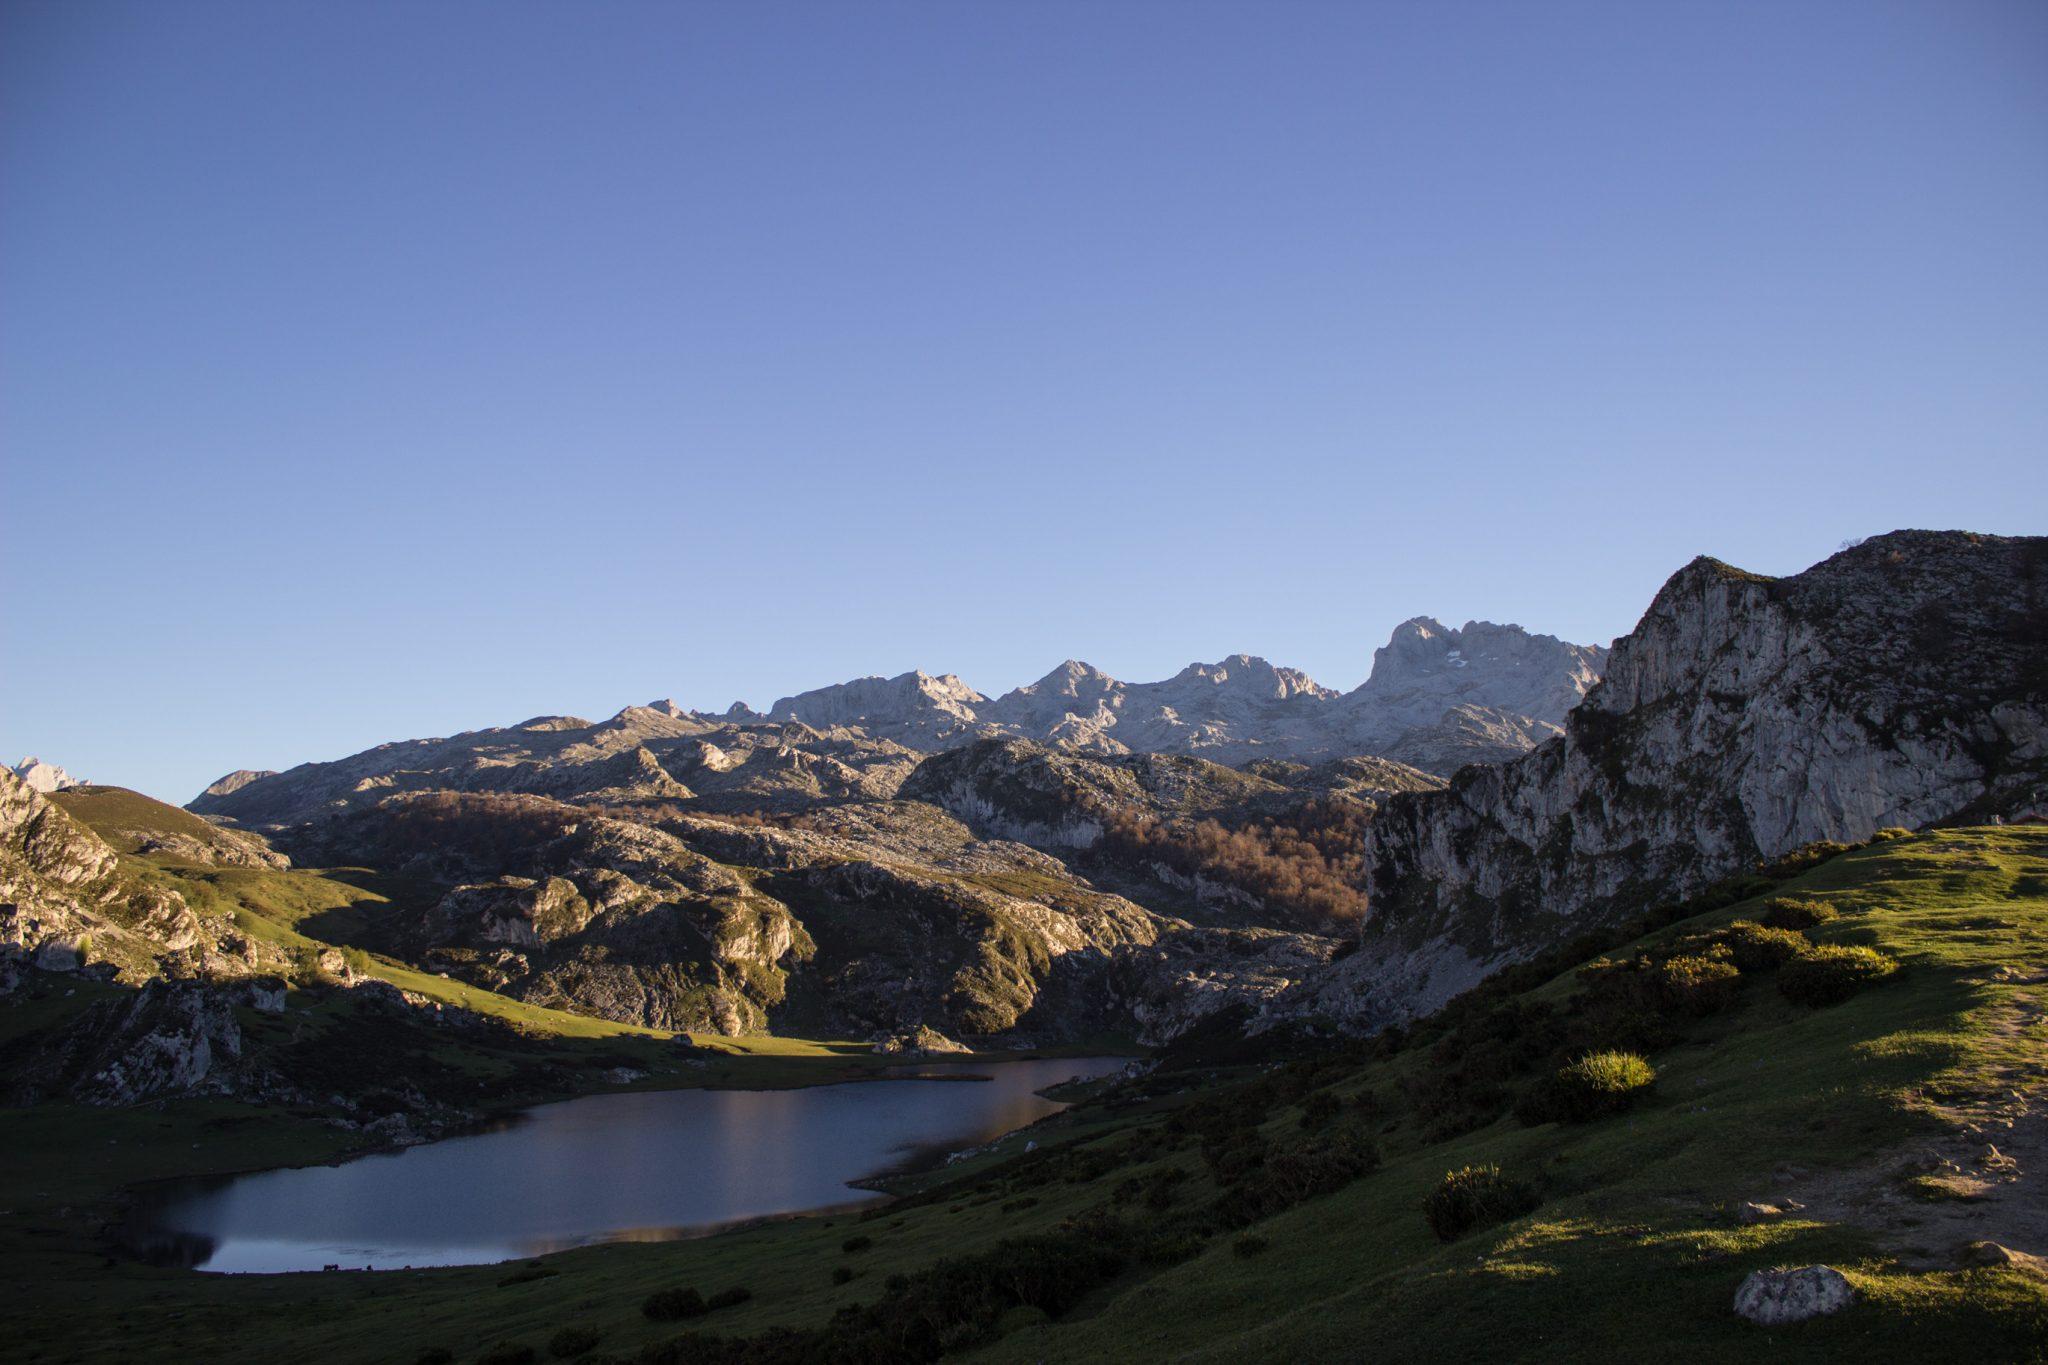 Wanderung Mirador de Ordiales Picos de Europa Spanien, schöner See, Lagos de Covadonga, klares glattes Wasser, saftig grüne Wiese, Berge, strahlender Sonnenschein, schönstes Wanderwetter Ende Oktober, Nationalpark Picos de Europa im Norden Spaniens